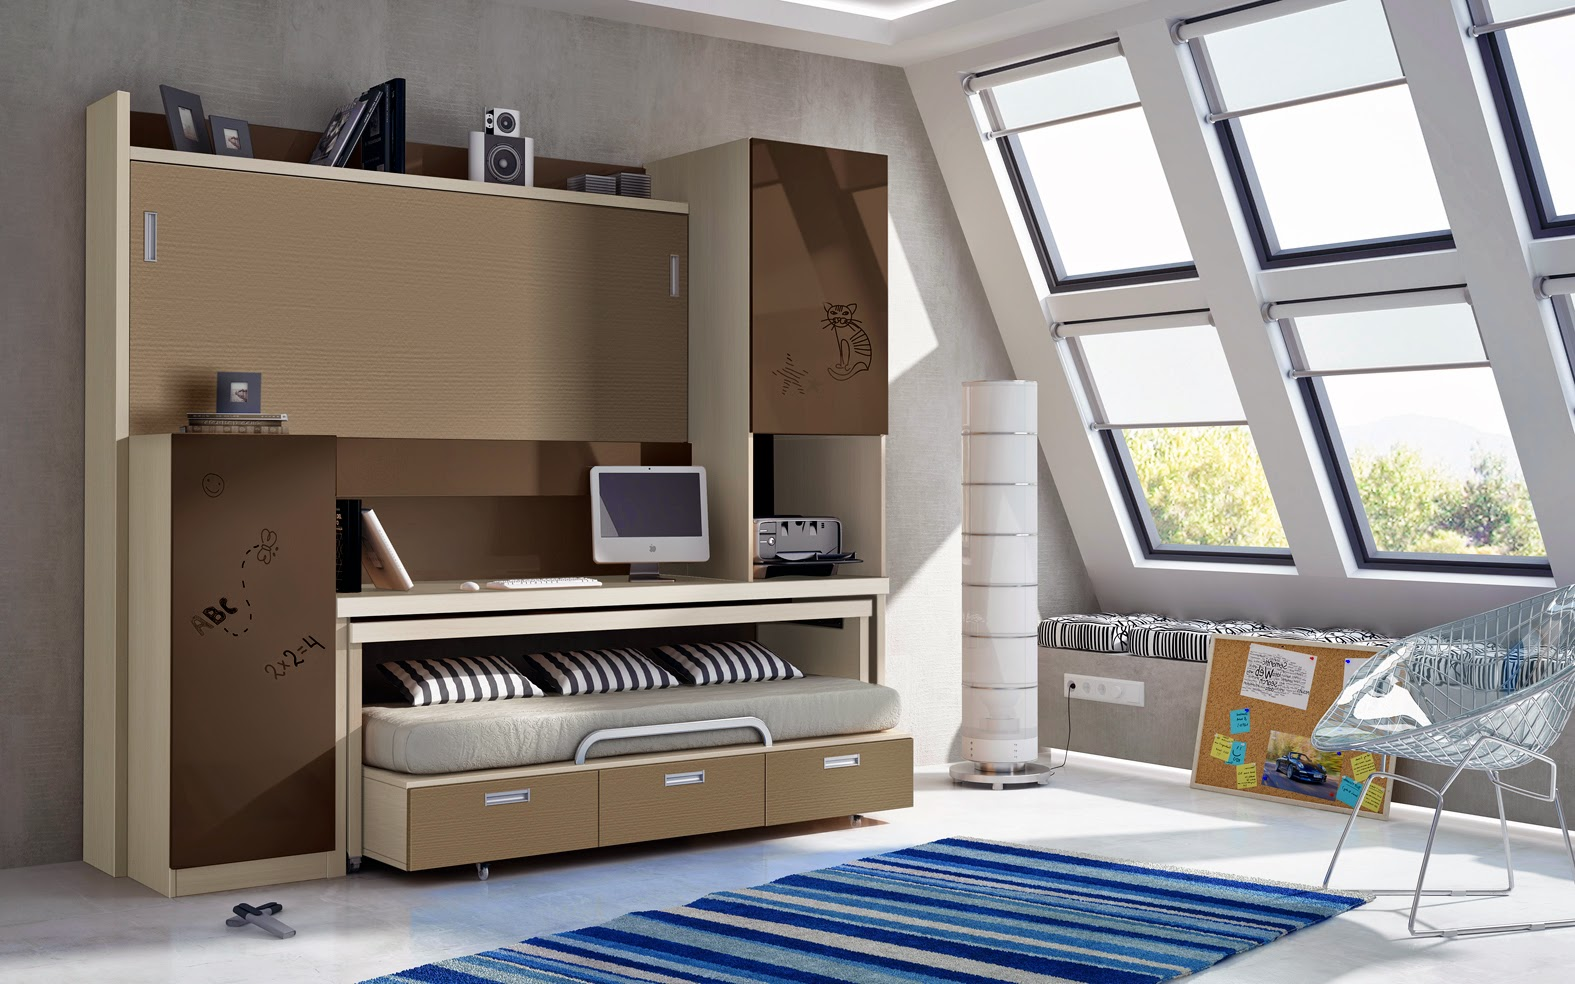 Muebles juveniles dormitorios infantiles y habitaciones - Habitaciones juveniles con encanto ...